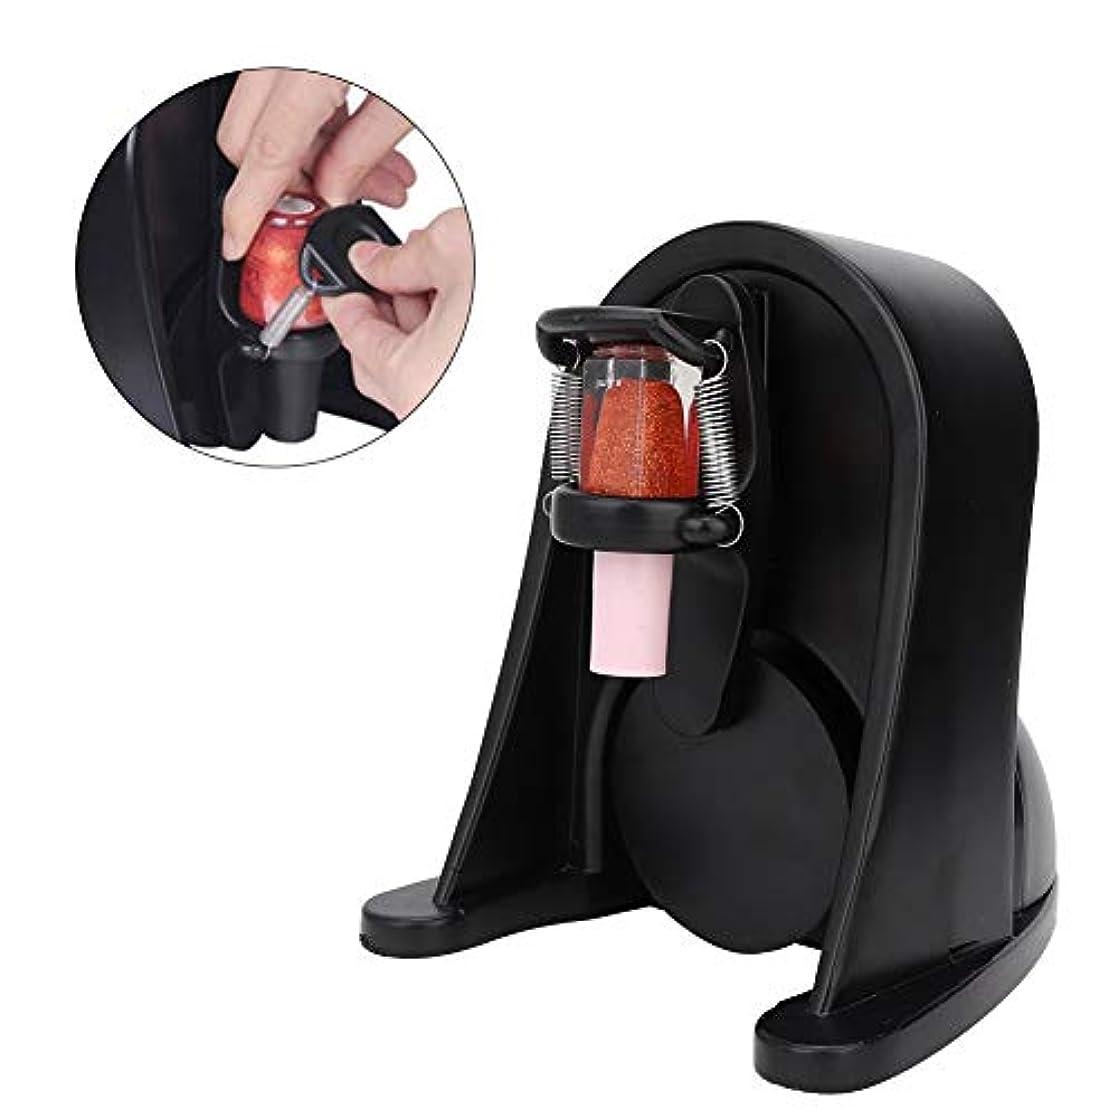 餌正しく不足マニキュア シェーカー UVジェル液体ボトル シェーキングマシン ネイルジェル ネイルポリッシュ インク顔料調整可能ミキサー(ブラック)